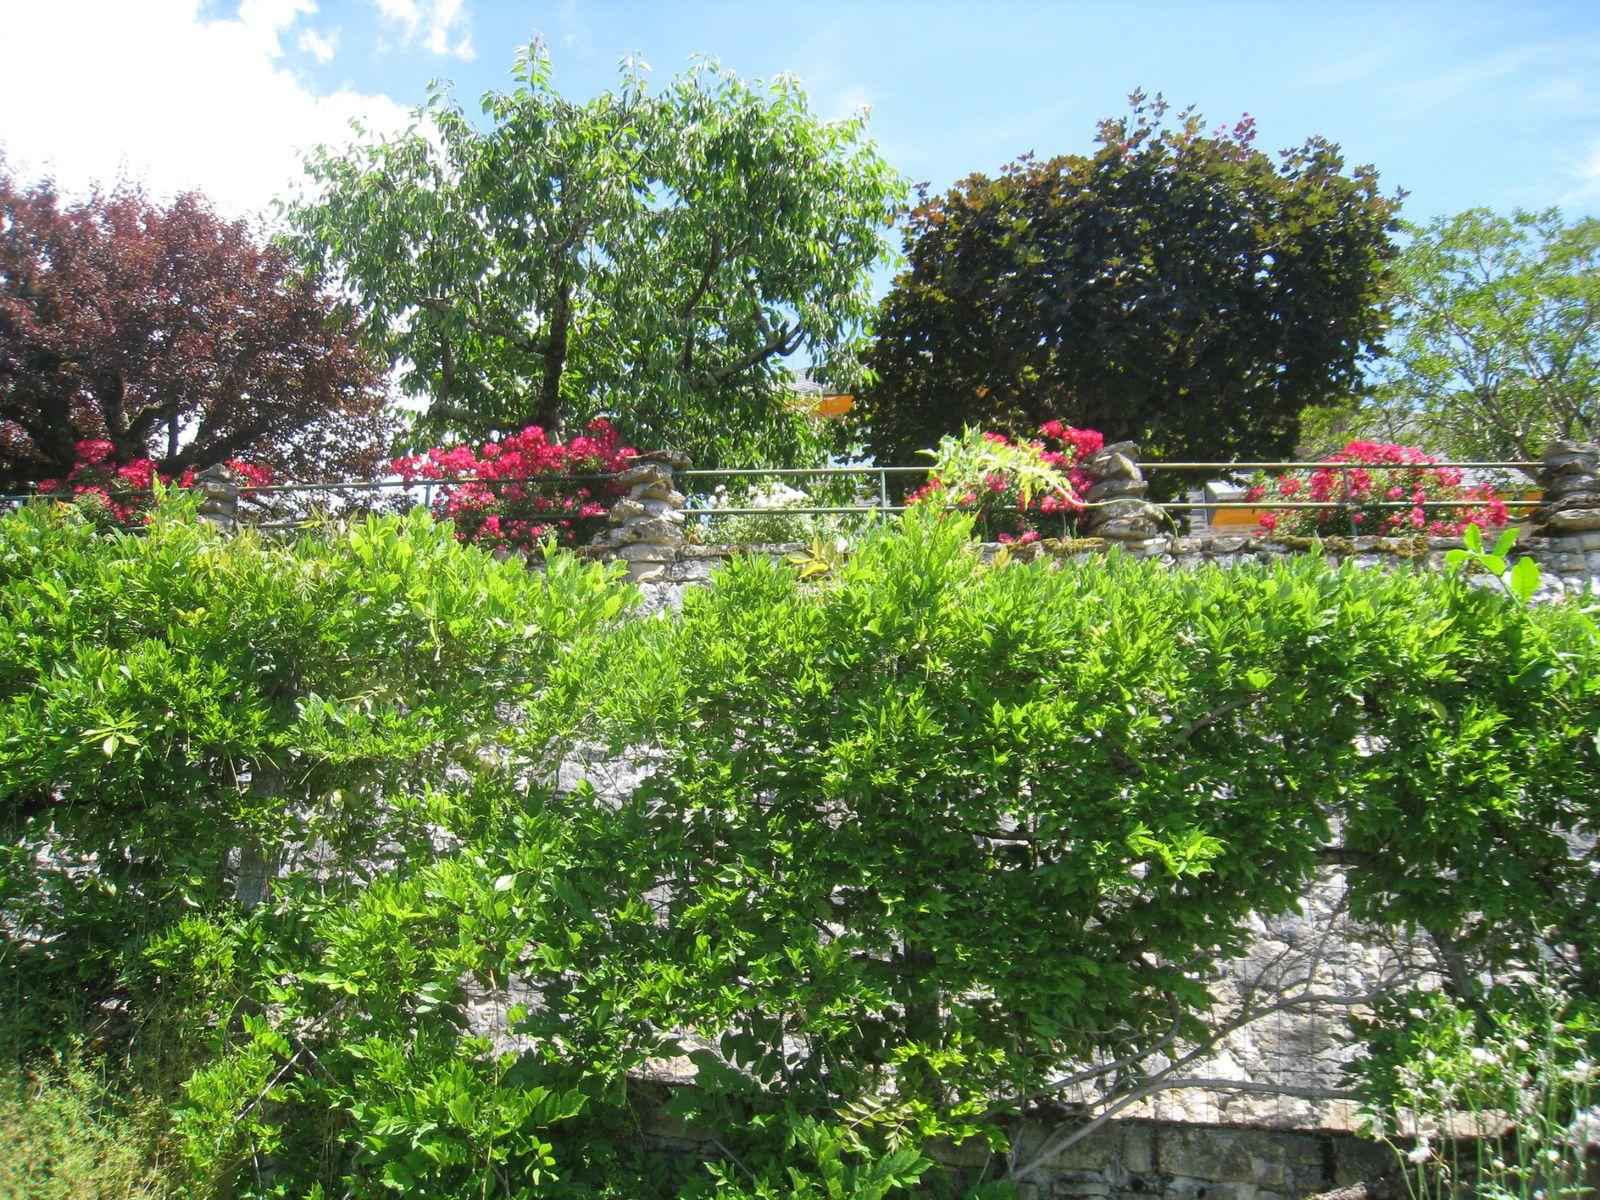 ... et des géraniums. Tout est bien fleuri en cette saison.